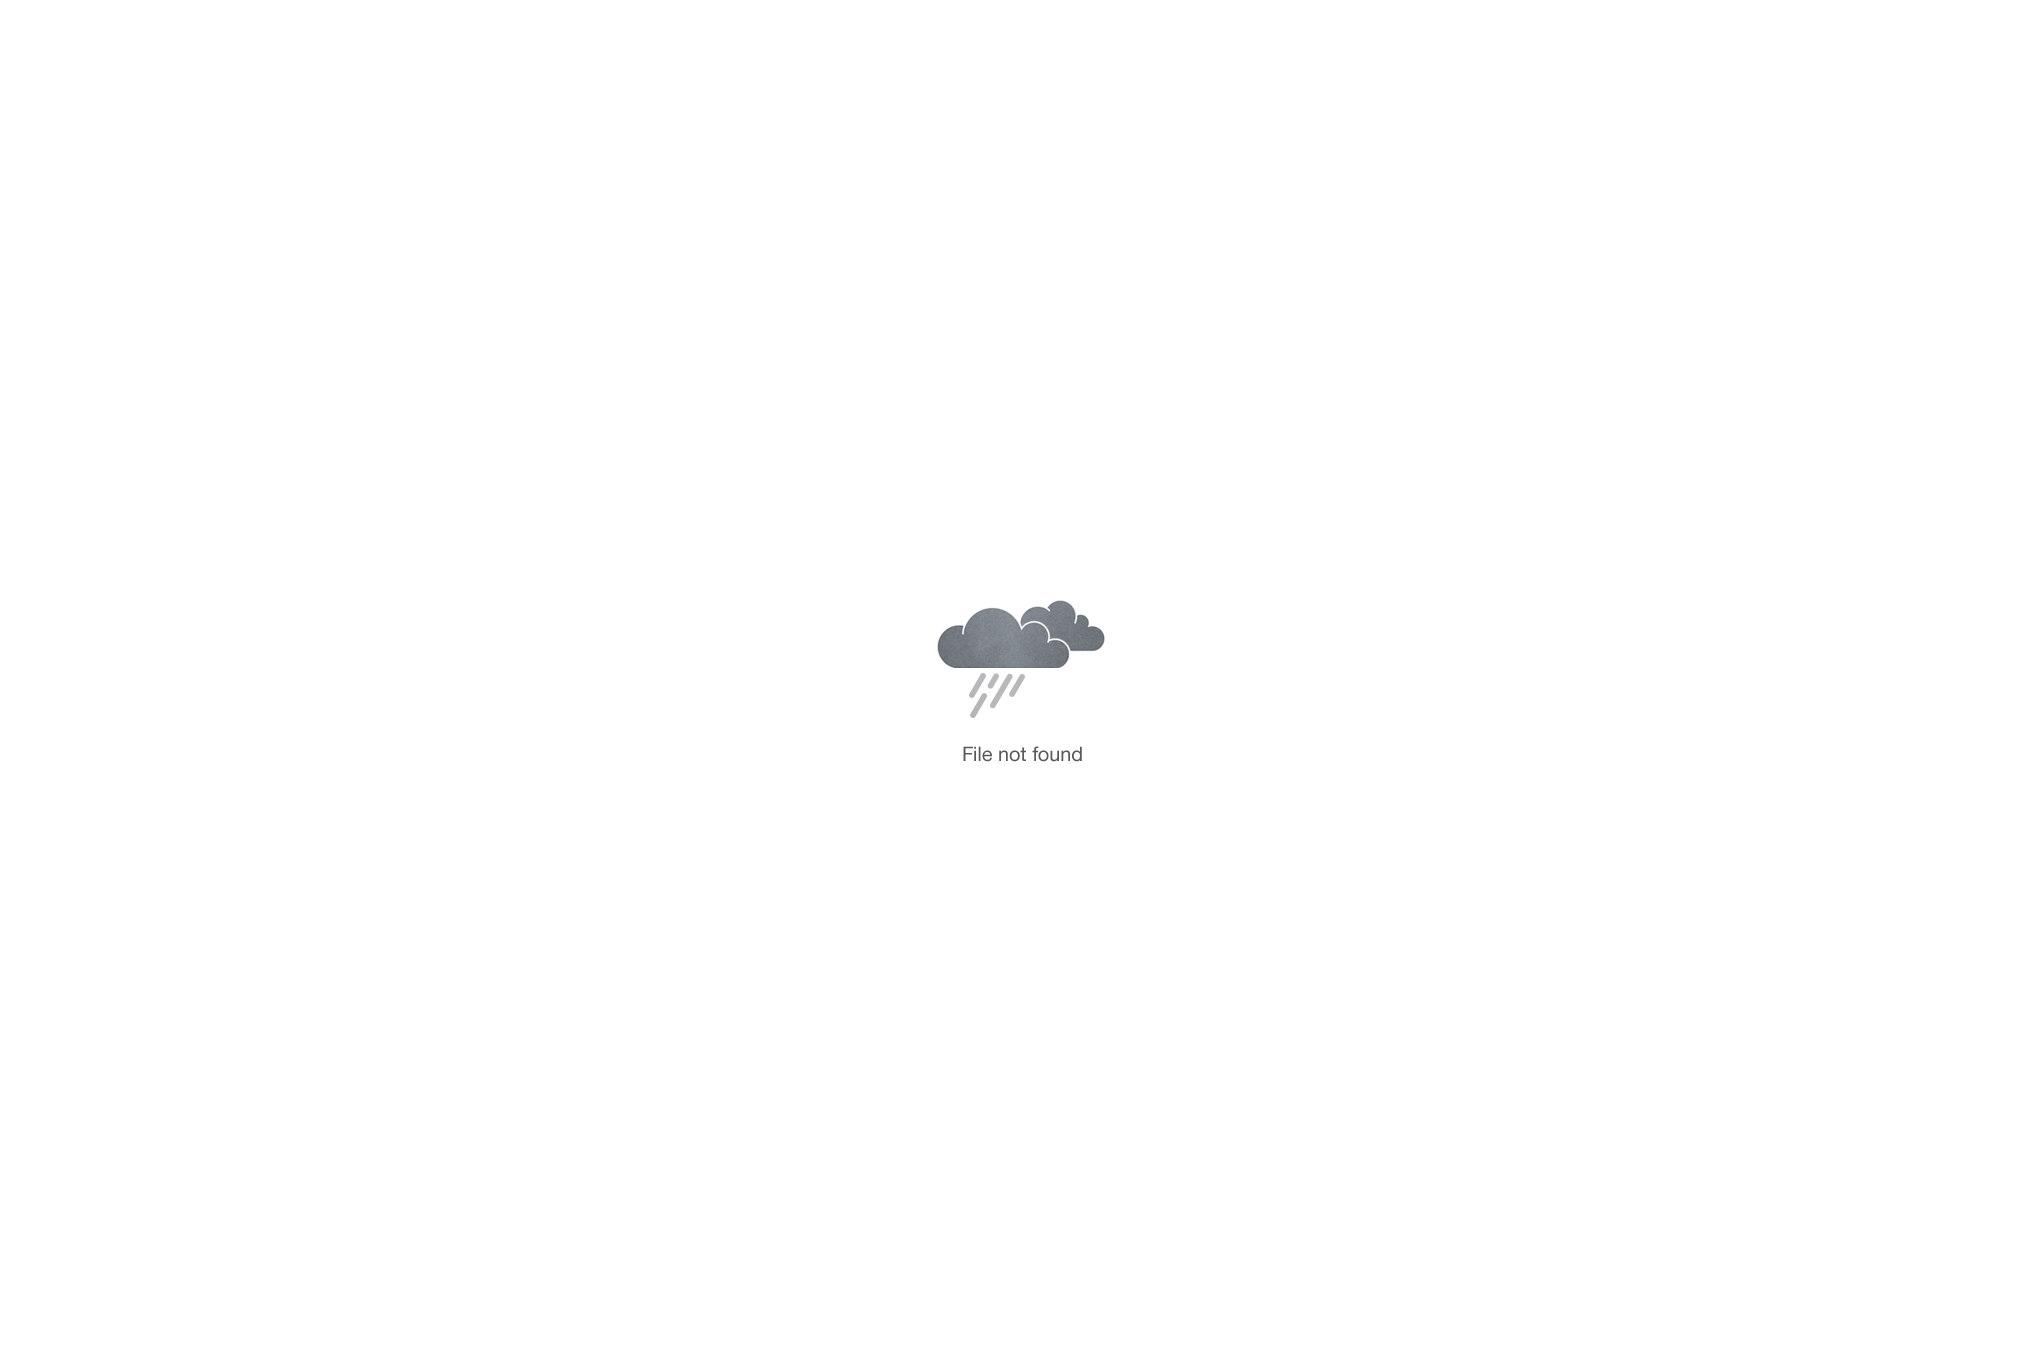 Soufian-Ratib-Ski-Sponsorise-me-image-3